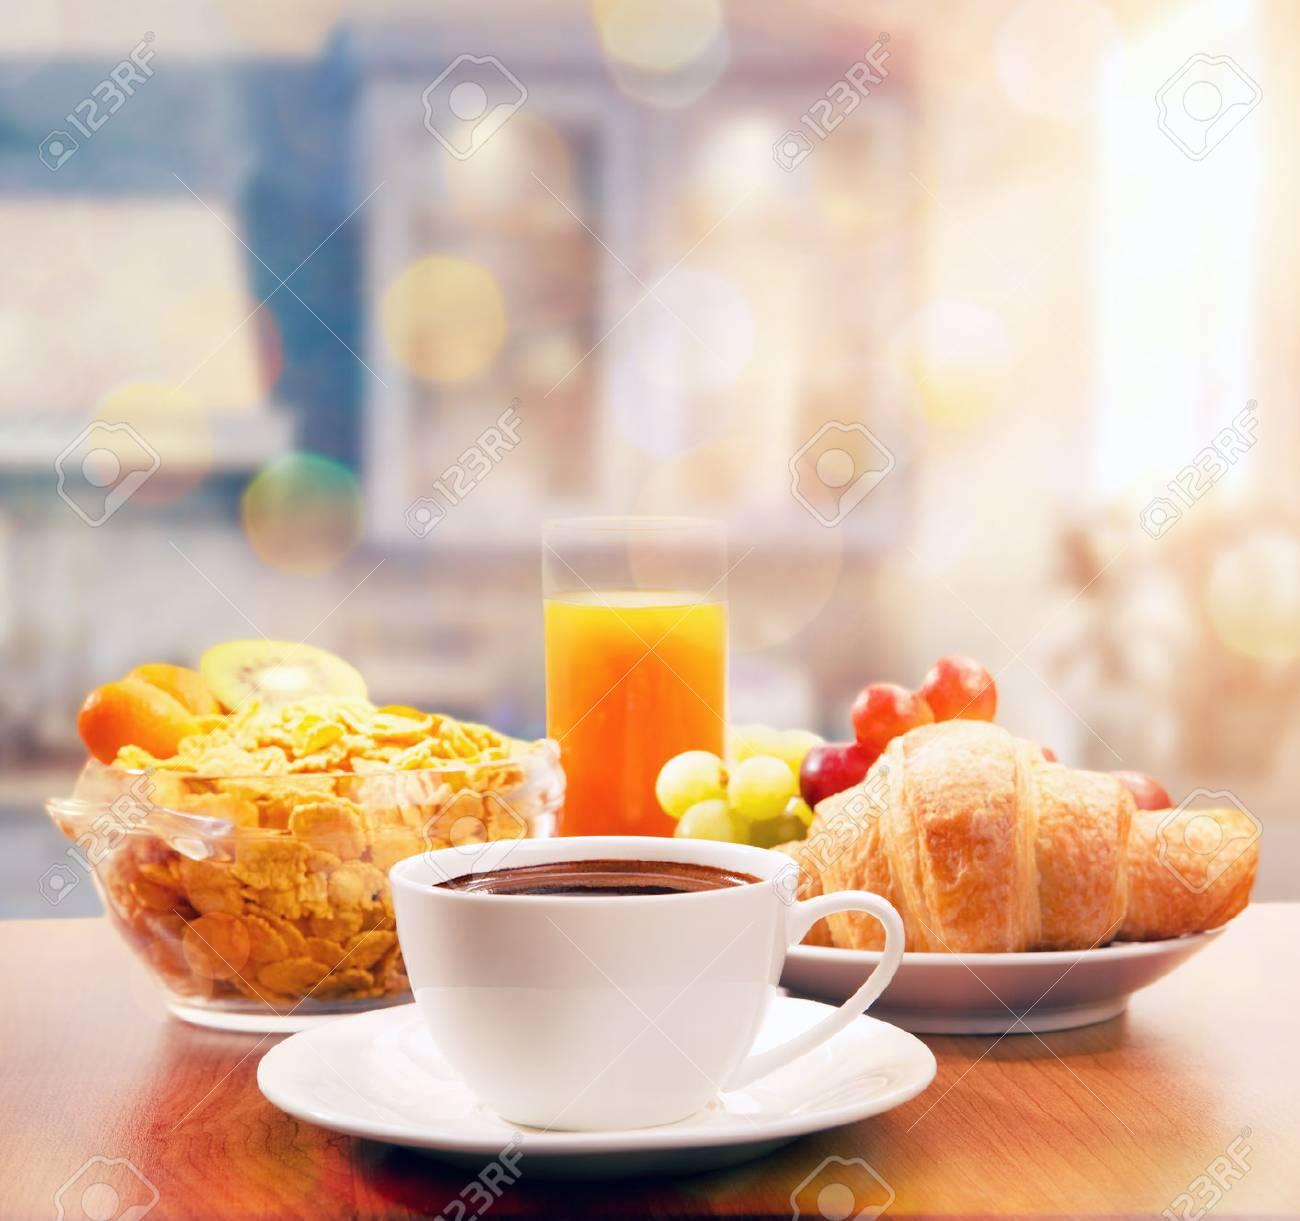 Desayuno Saludable Con Café En La Mañana De Sol Fotos Retratos Imágenes Y Fotografía De Archivo Libres De Derecho Image 46568919